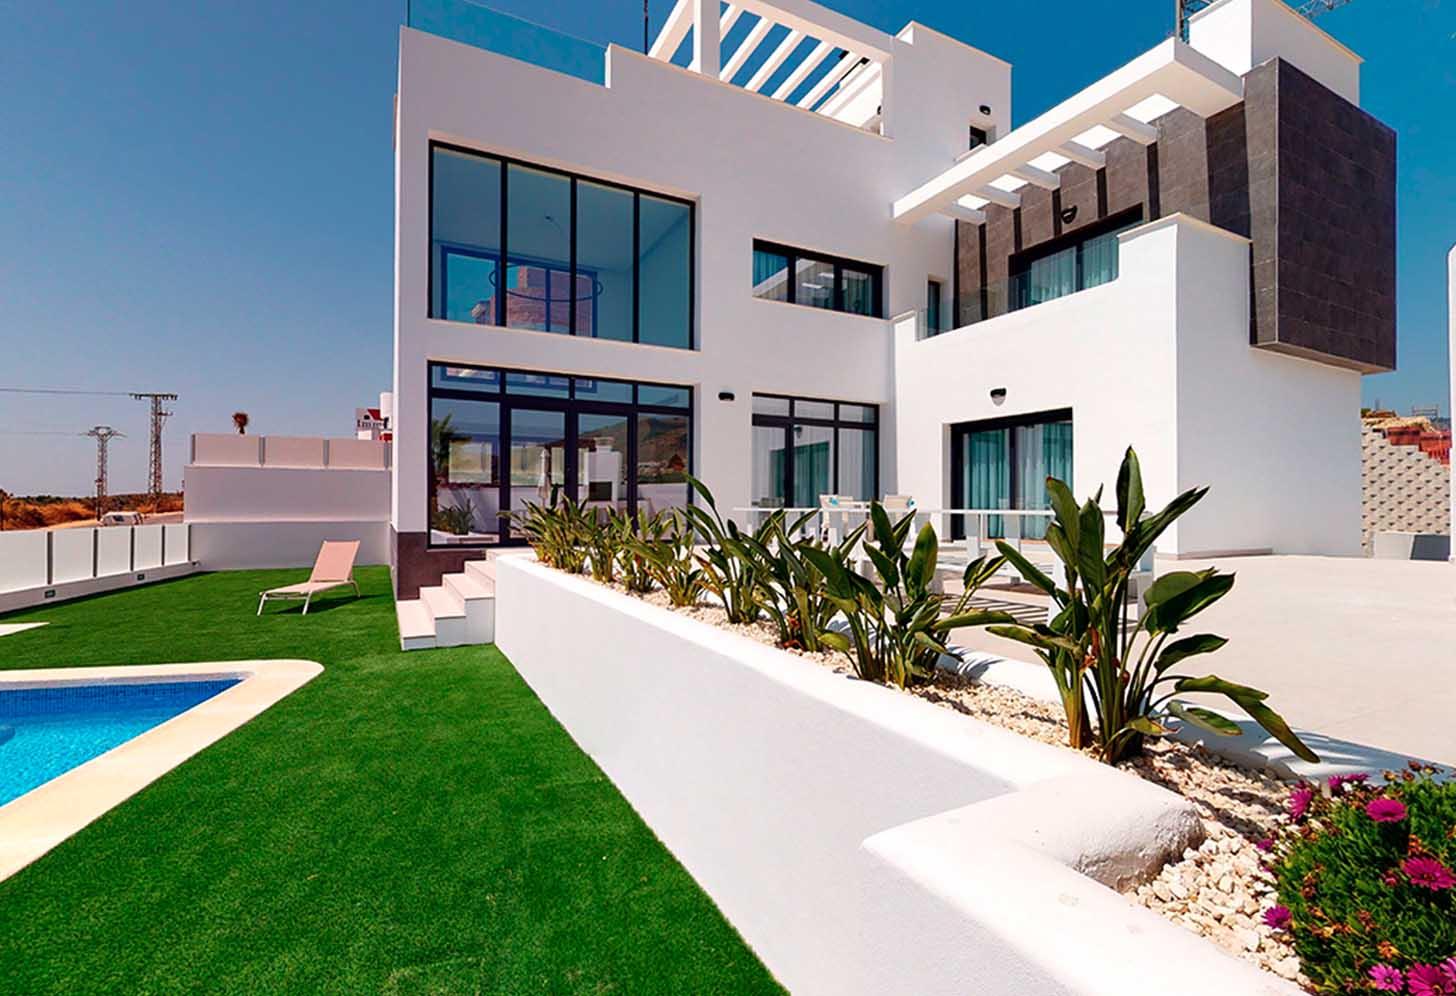 immobilier neuf espagne costa blanca alicante exteriour finestrat